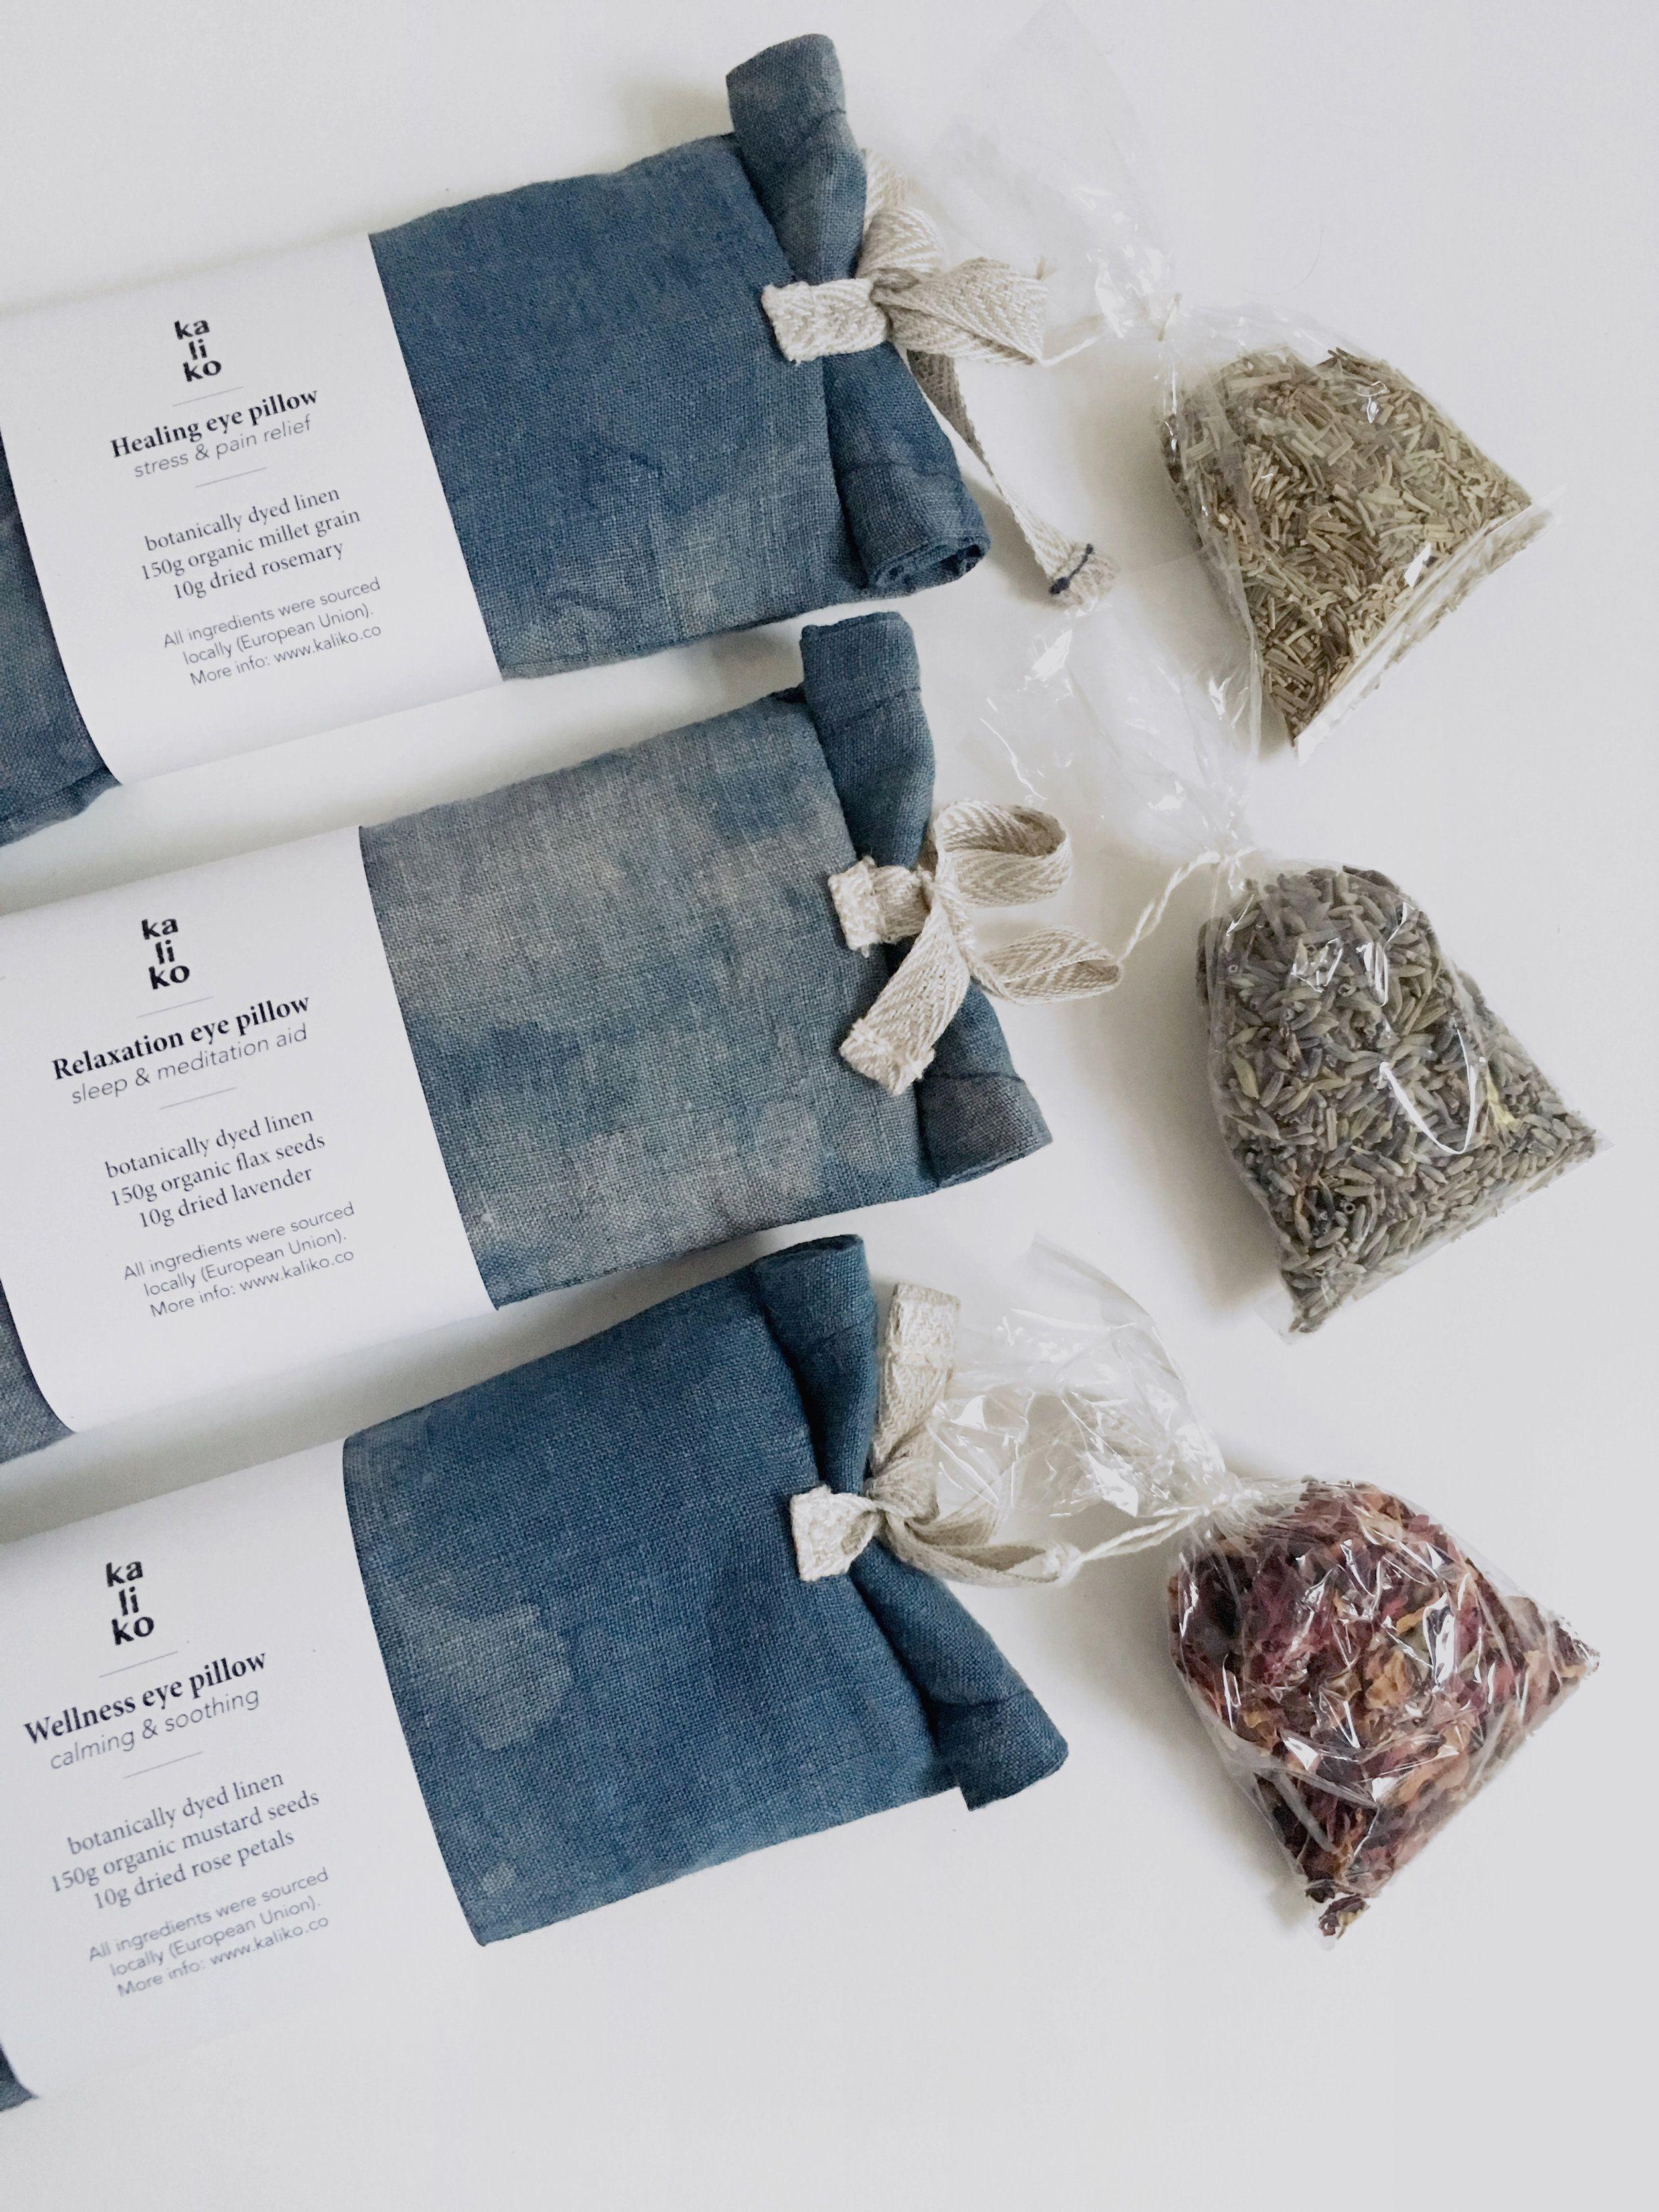 Healing Properties Of Aromatherapy Eye Pillows Eye Pillows Lavender Eye Pillows Lavender Crafts